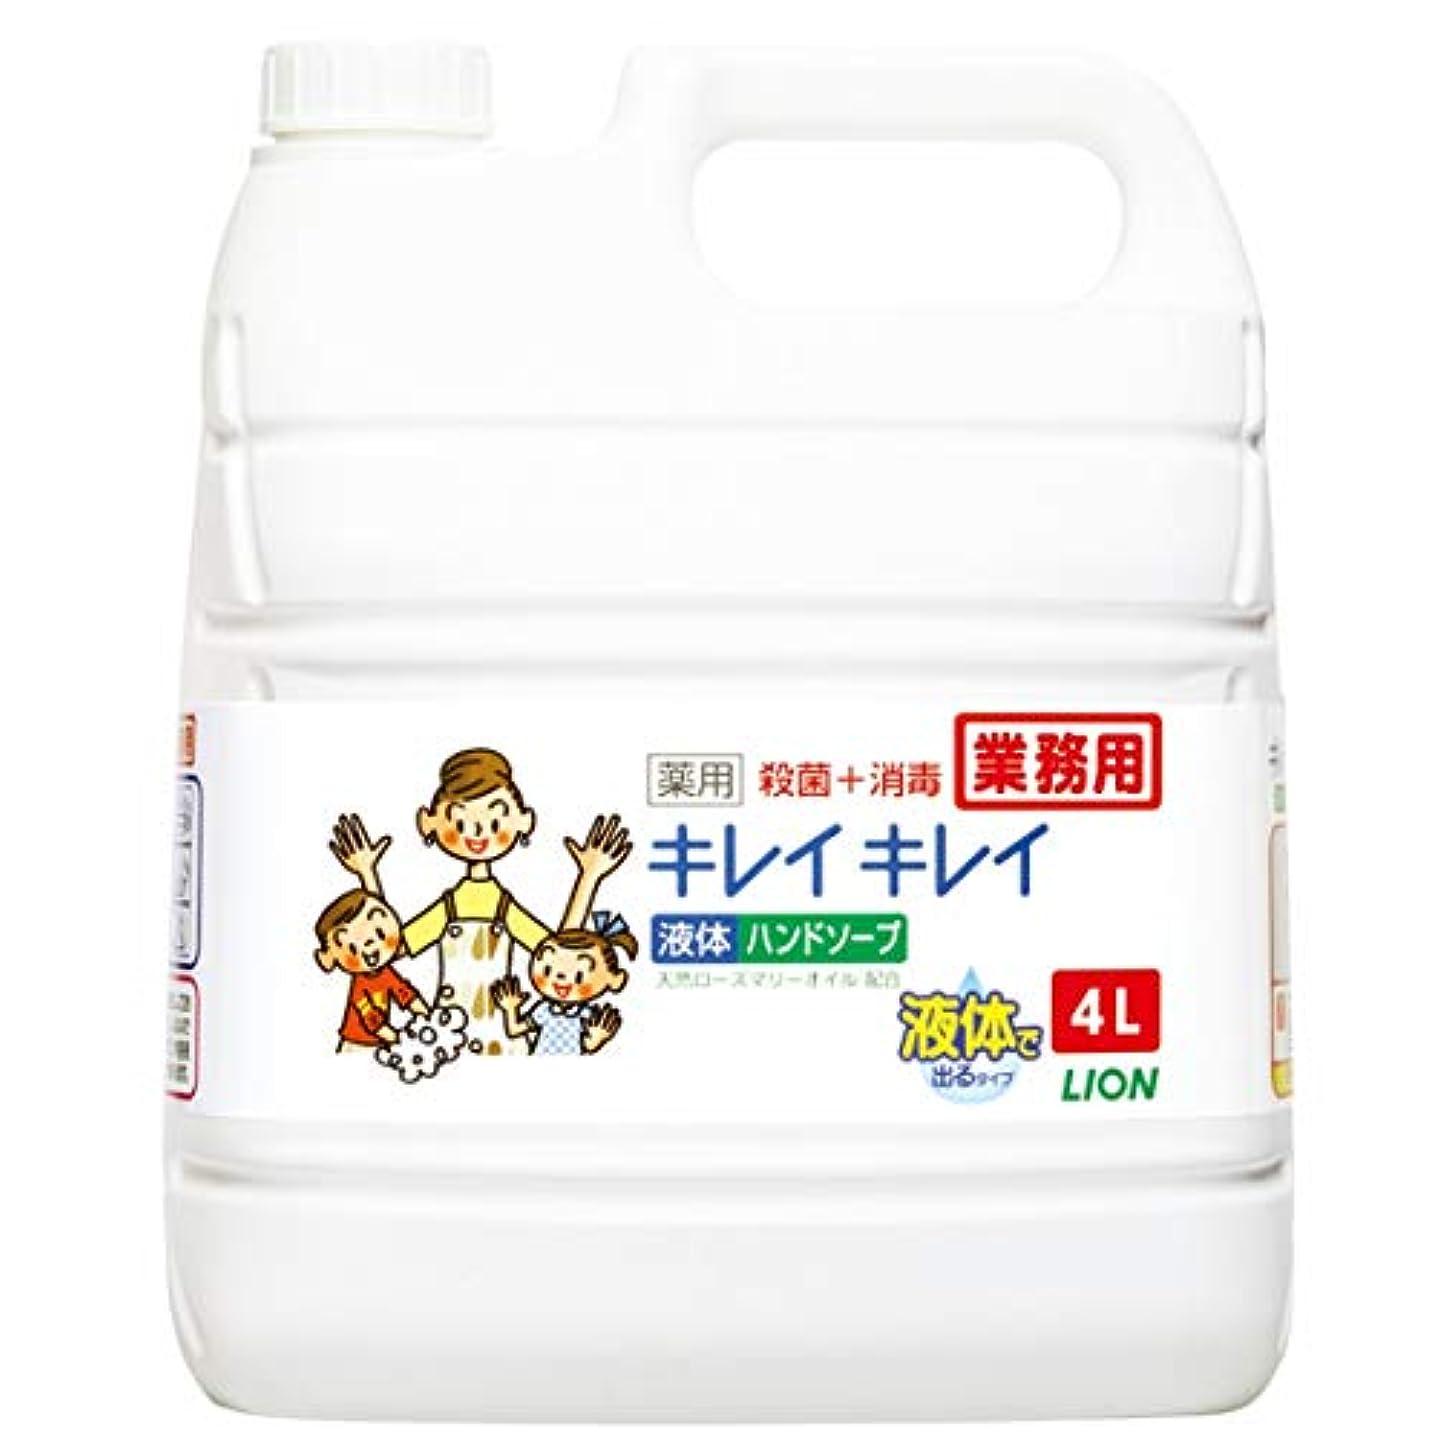 ビンまともな依存【業務用 大容量】キレイキレイ 薬用 ハンドソープ  4L(医薬部外品)